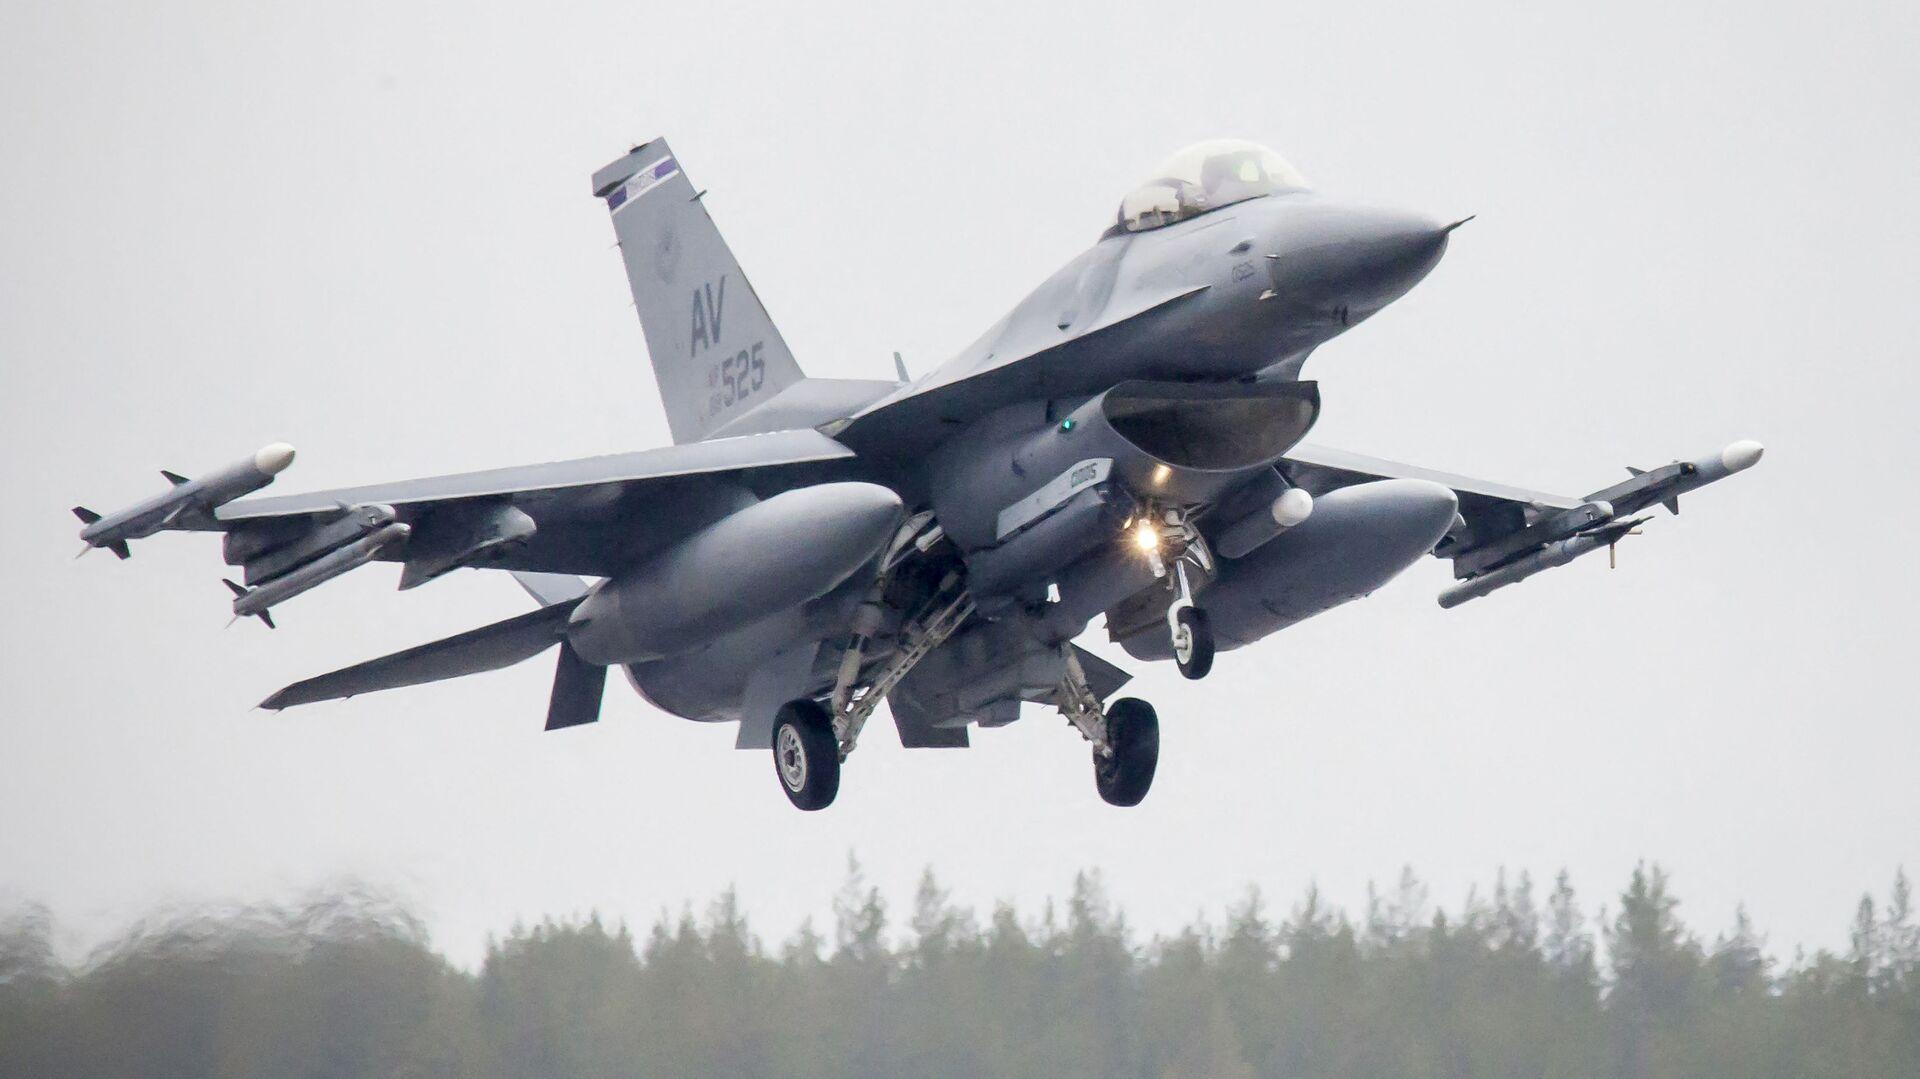 Amerykański myśliwiec F-16CM Fighting Falcon podczas ćwiczeń Arctic Challenge w Szwecji - Sputnik Polska, 1920, 09.07.2021